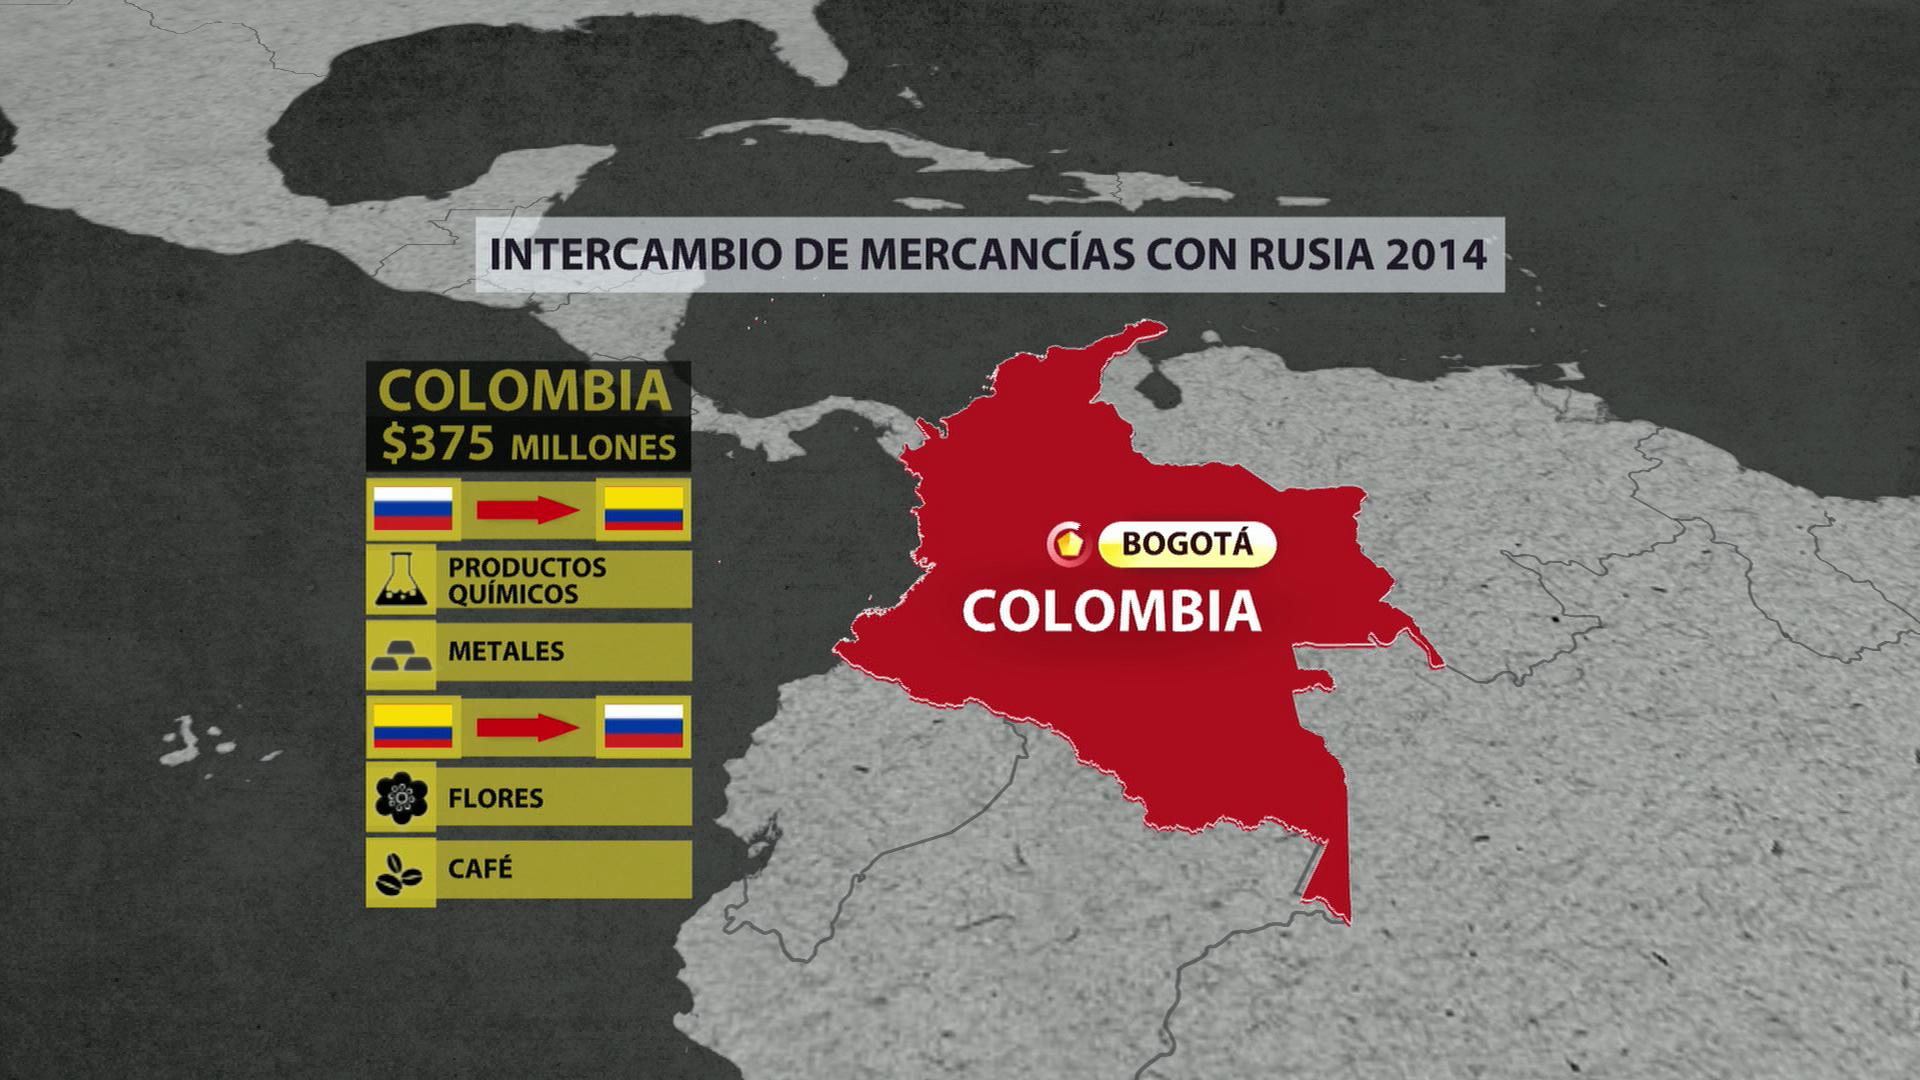 Colombia. Intercambio de mercancías con Rusia